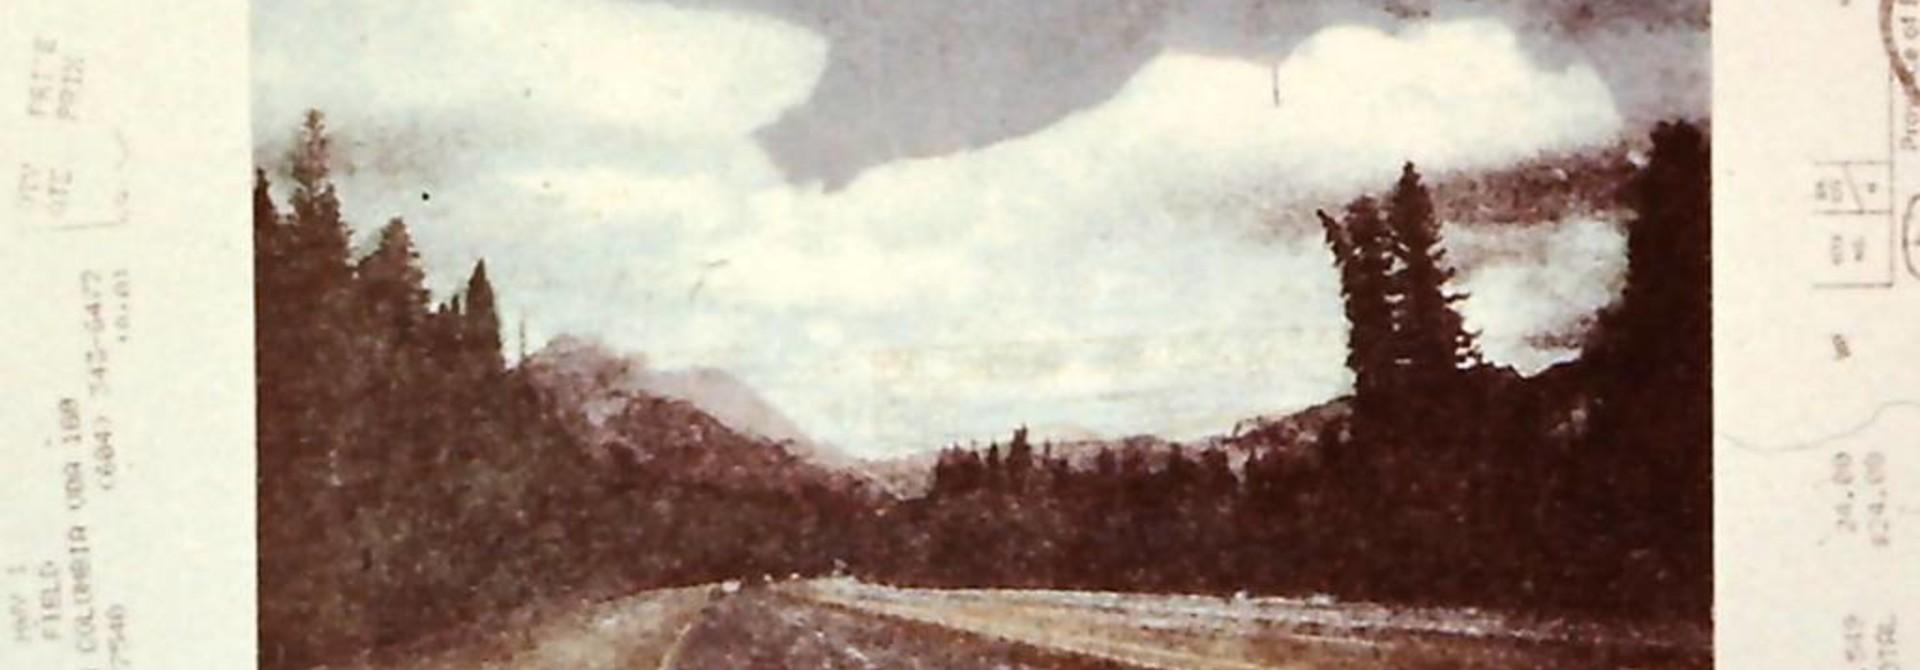 British Columbia II